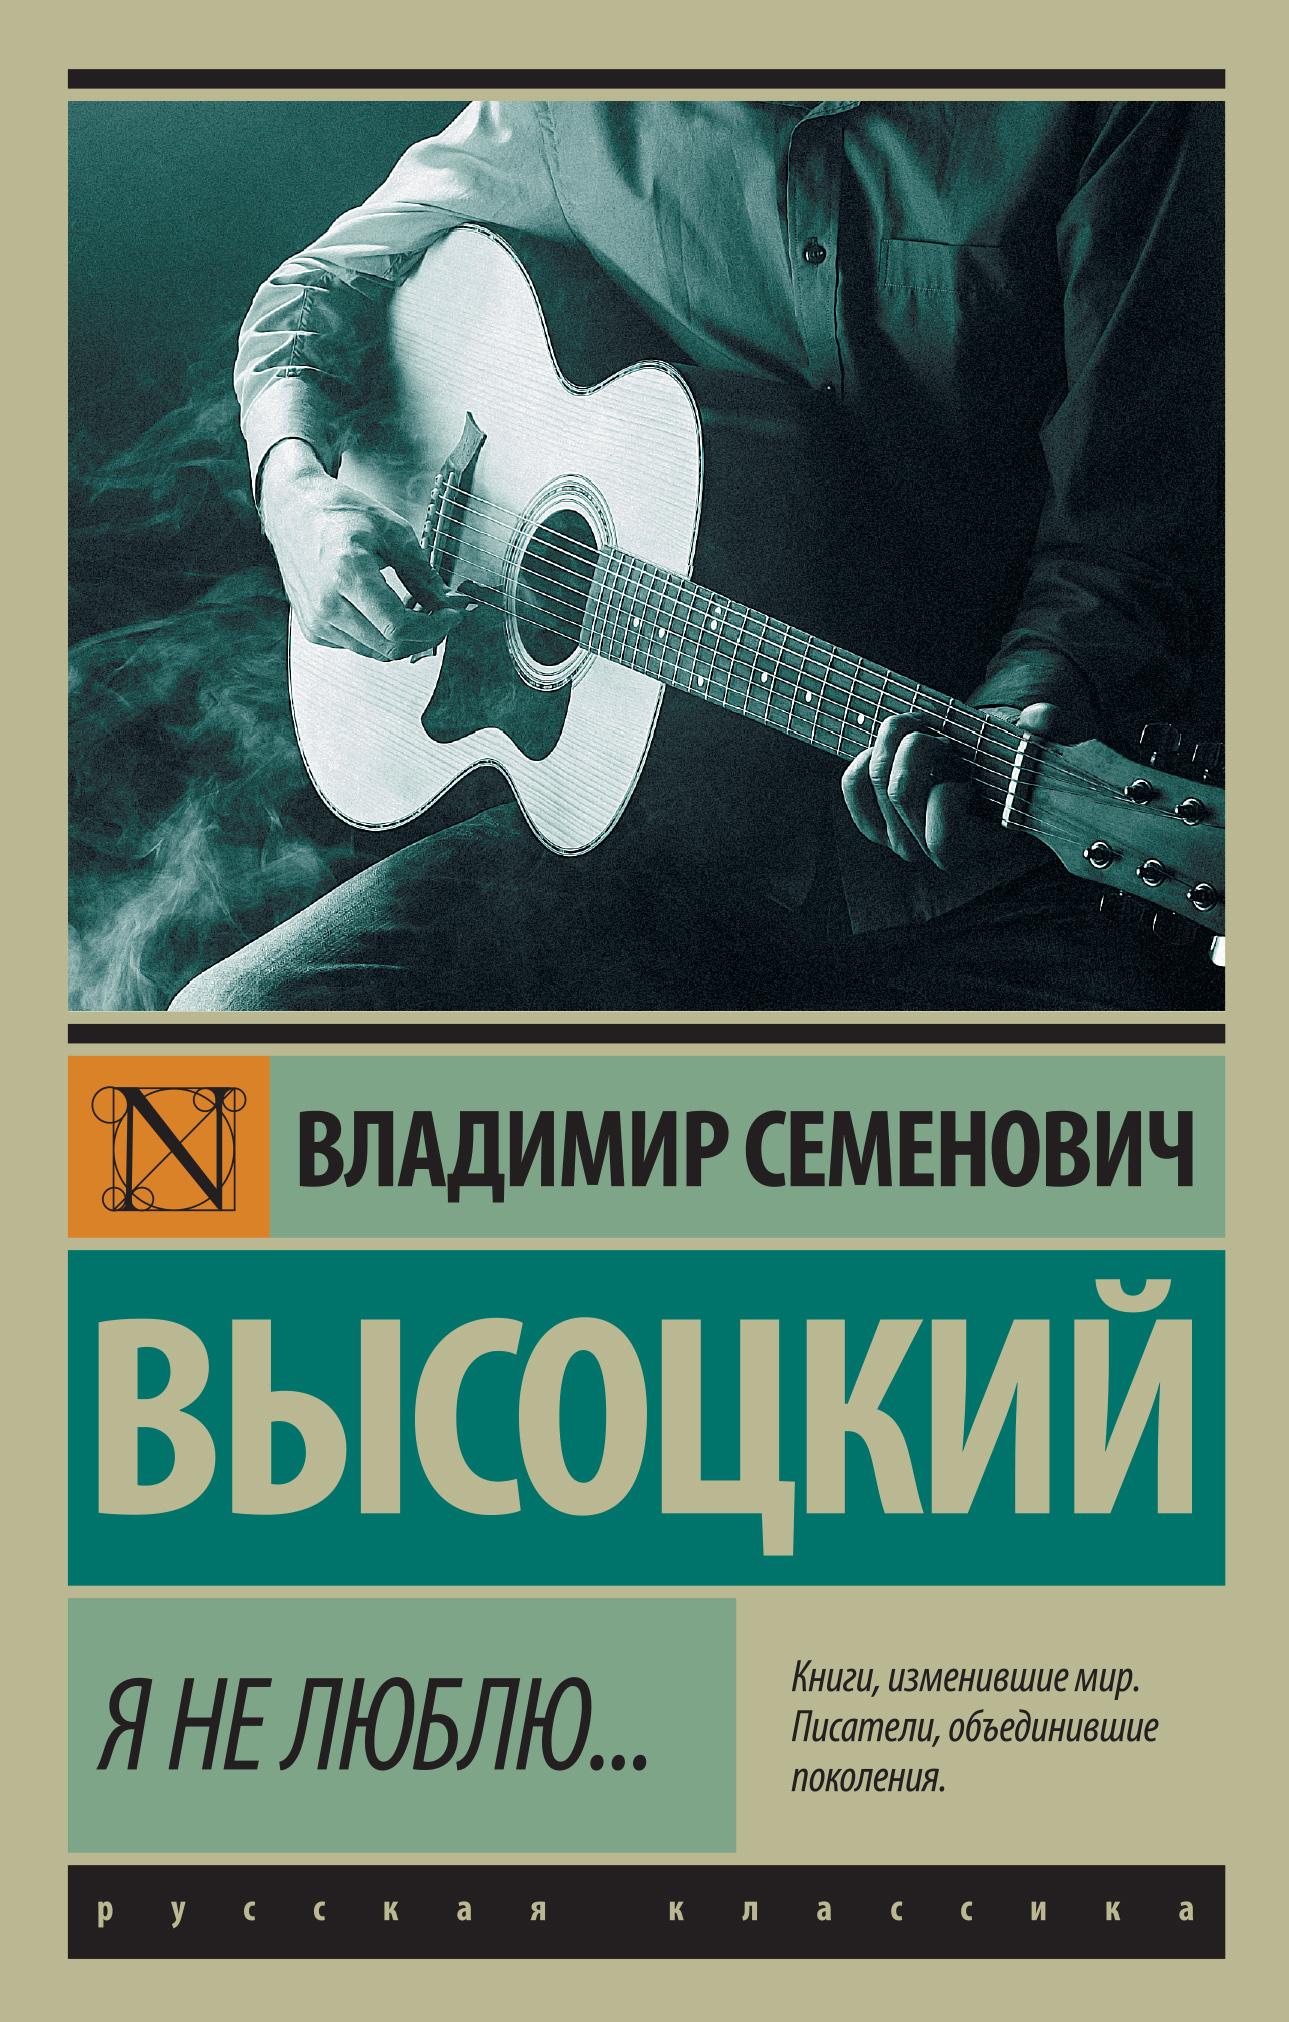 Владимир Высоцкий Я не люблю… художественный историзм лирики поэтов пушкинской поры монография